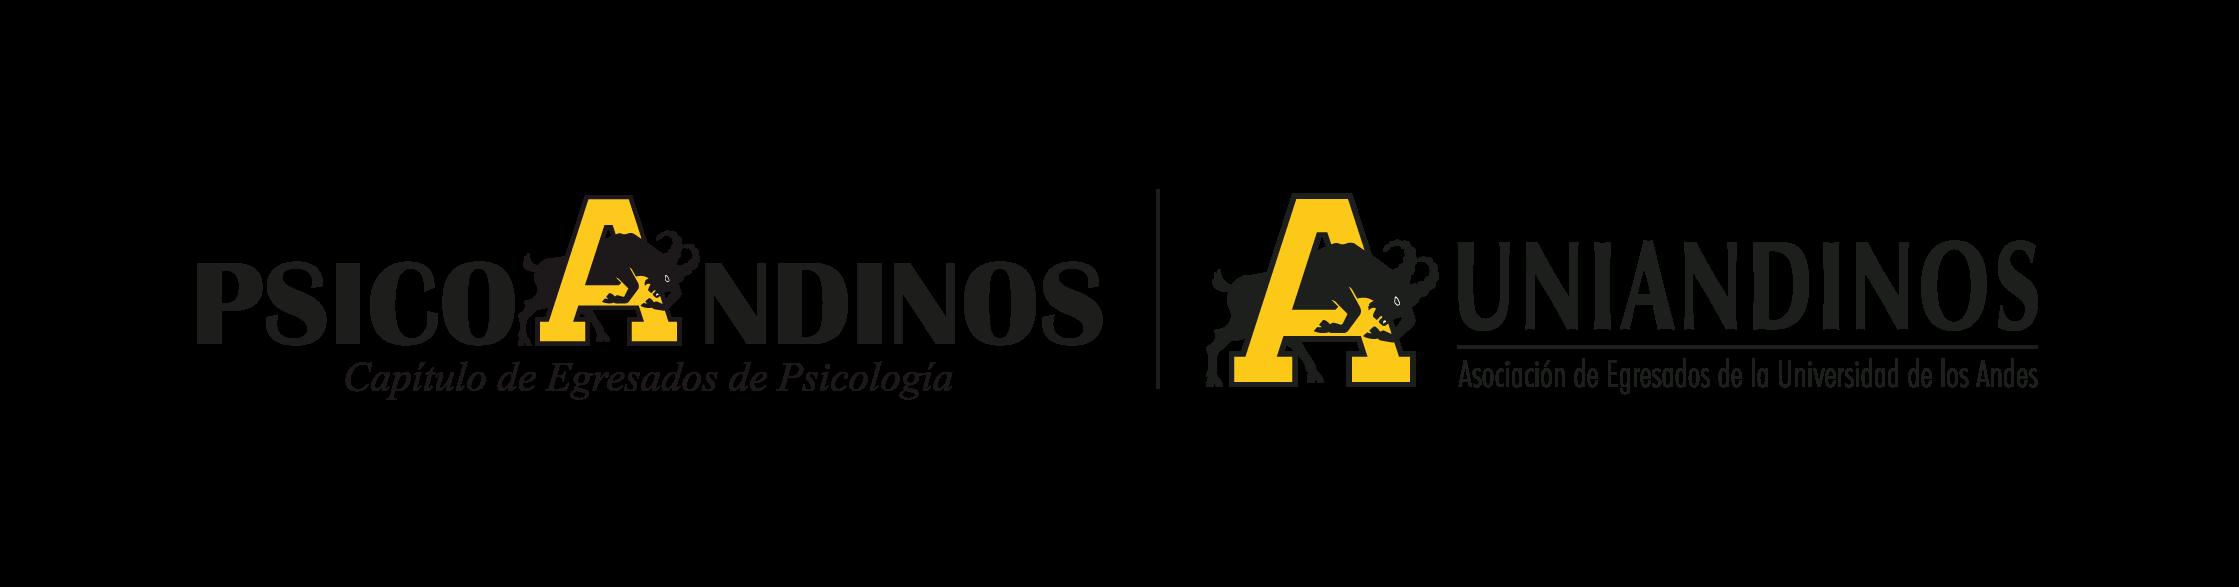 Logopsicoandinoscolor15018821501501882150